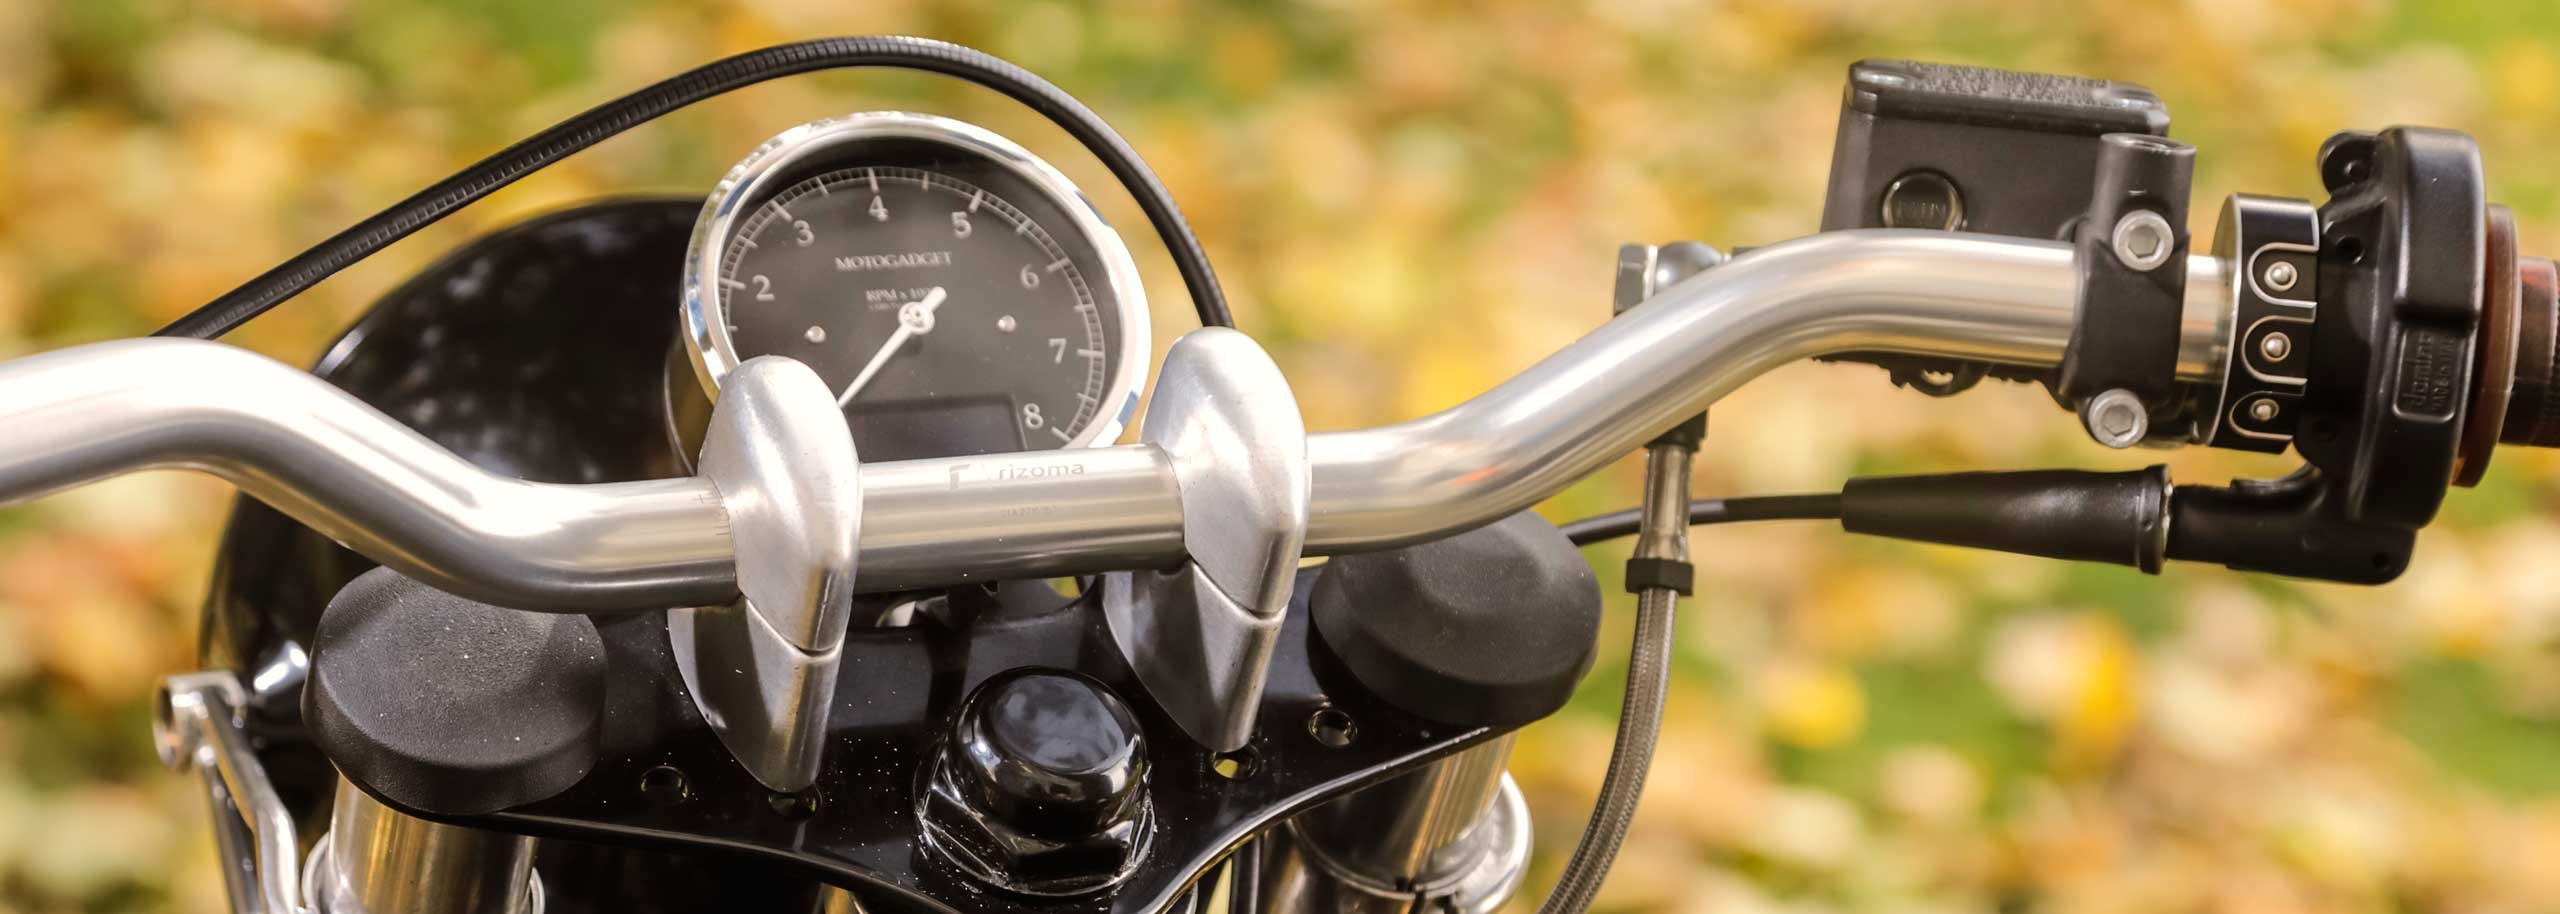 02_TITAN-Most-Classic-Cafe-Racer_BMW-R80-Motorrad-Umbaur-Graz-Austria-Vintage_Custom-Bikes_Zweirad_TUEV_Typisierte-Umbauten-Oesterreich